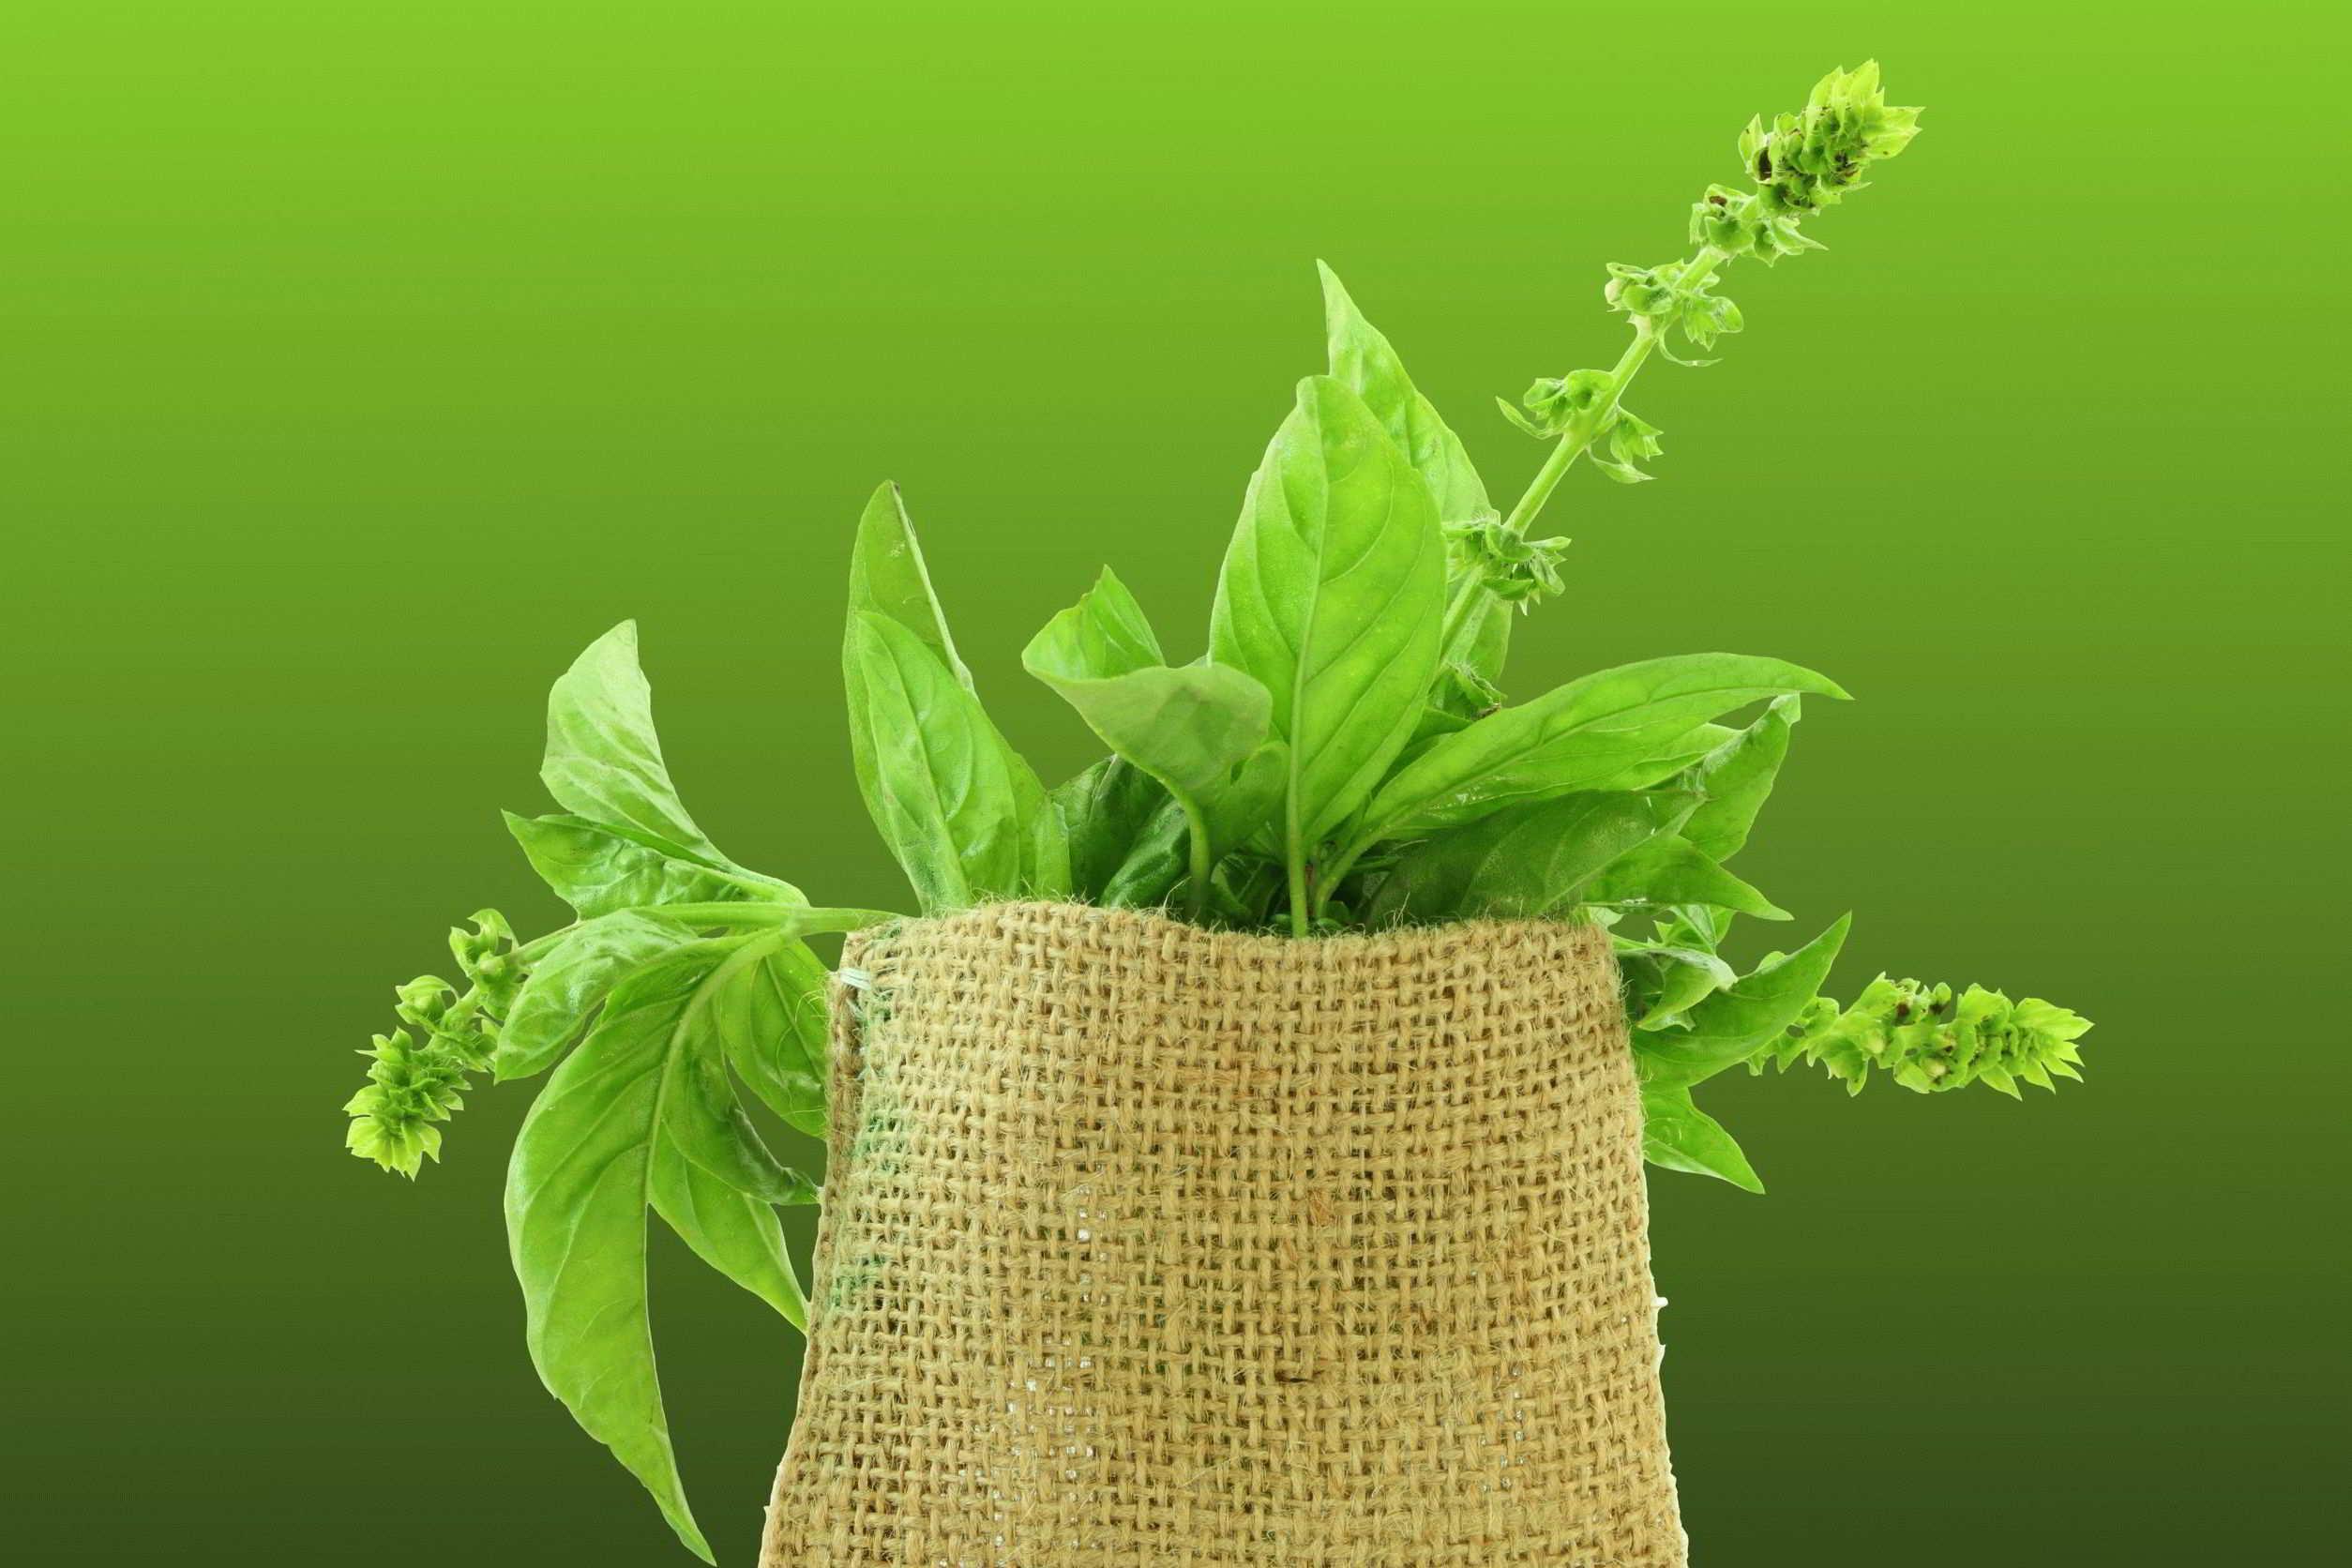 очищение организма в домашних условиях при аллергии